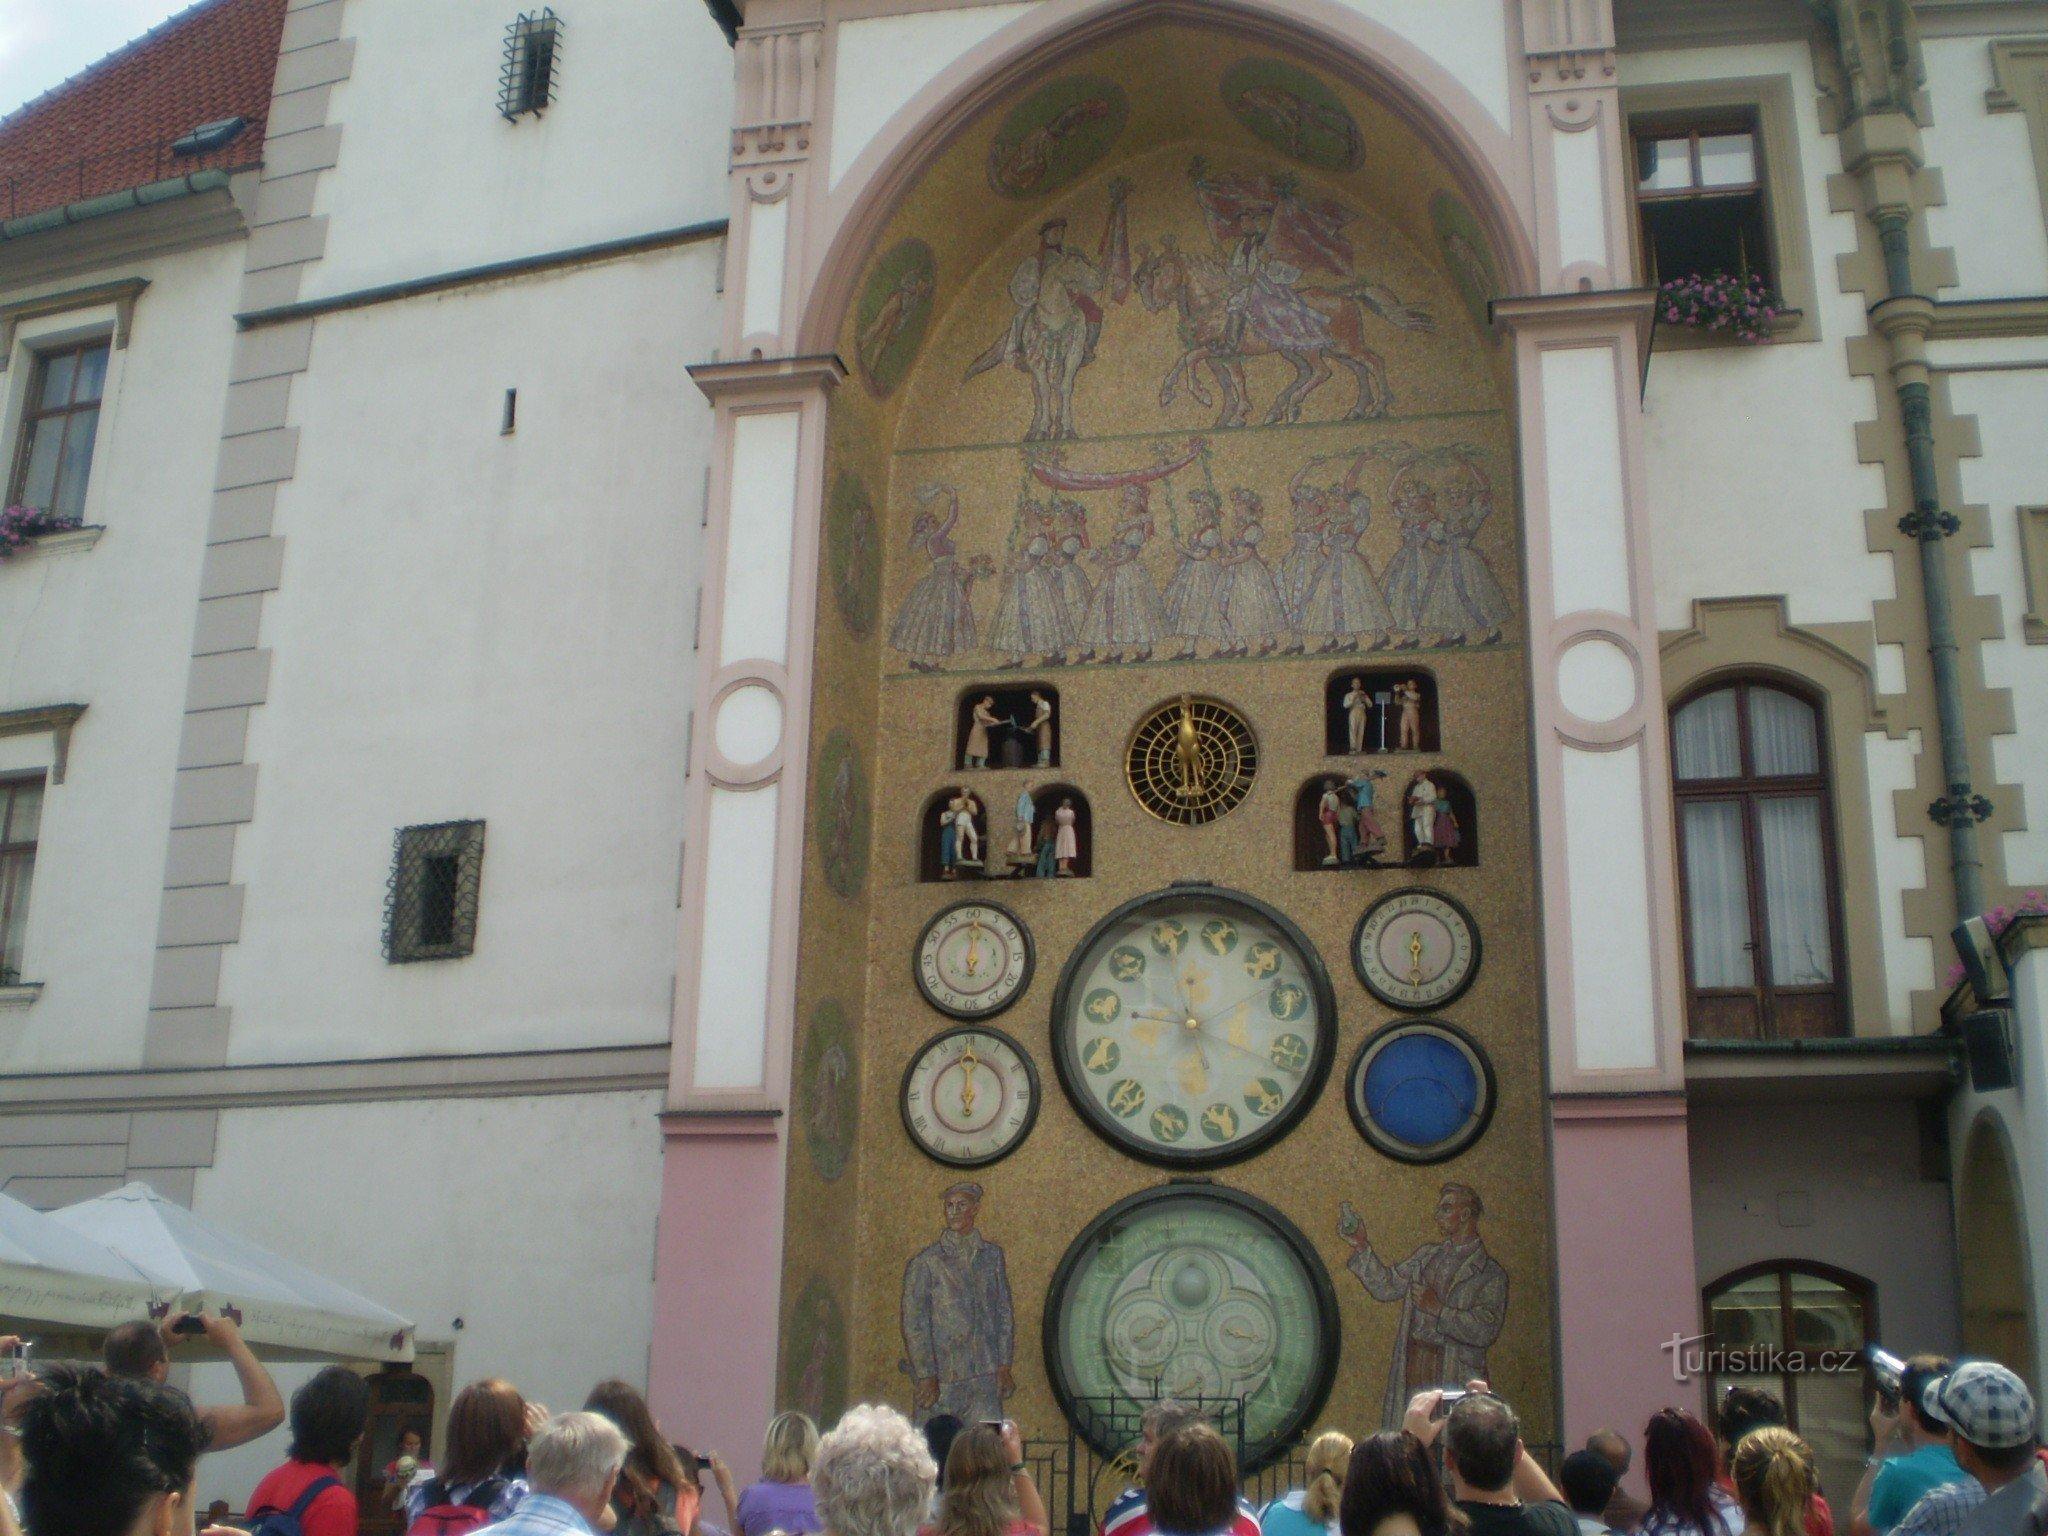 Olomouc, Horní náměstí, orloj